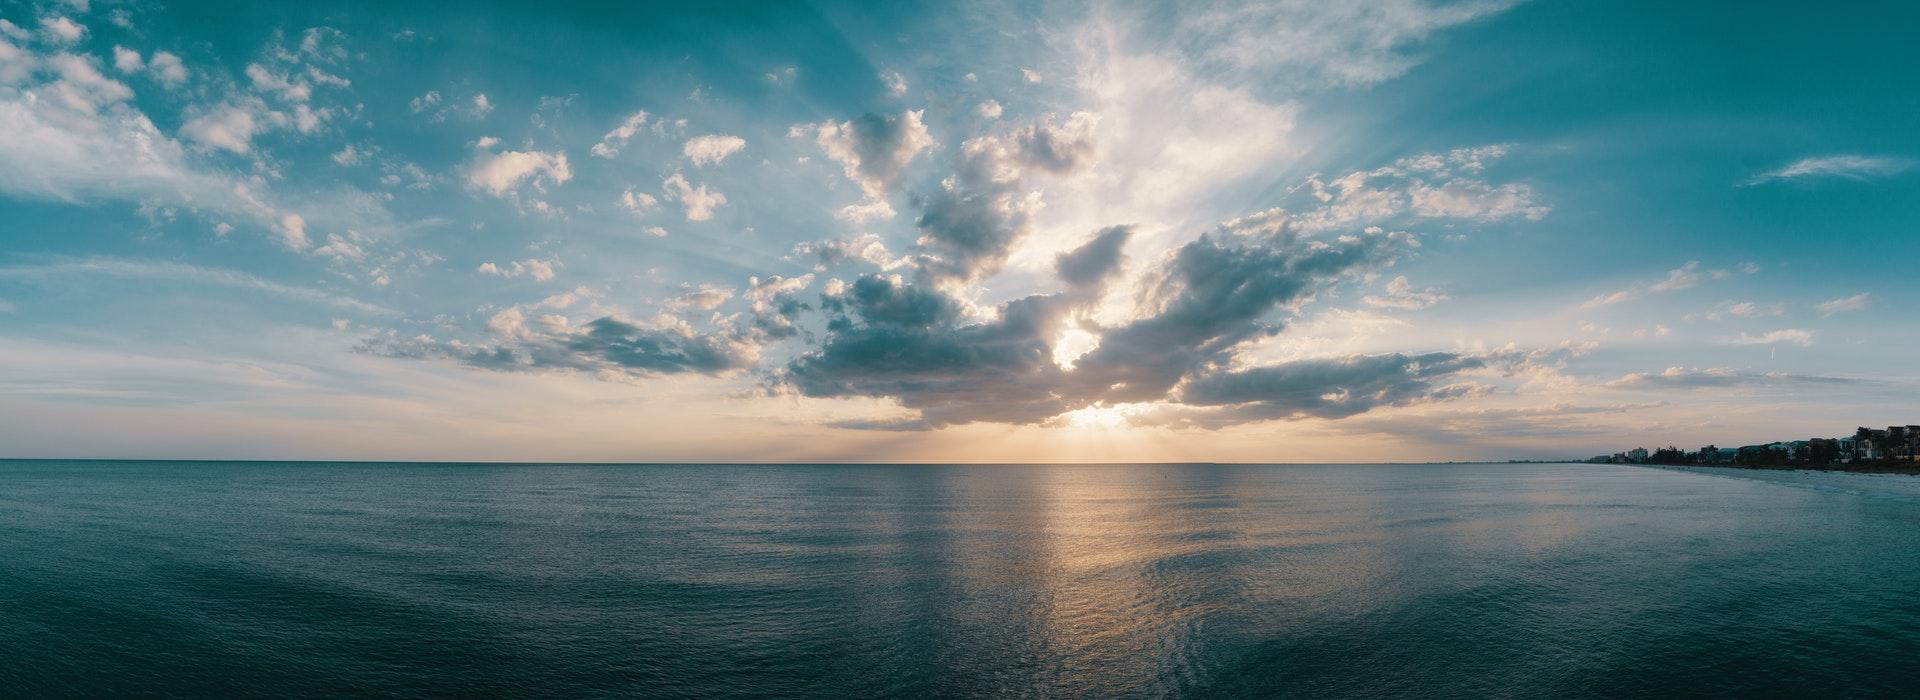 Nuages cotonneux au-dessus d'un océan bleu foncé au coucher du soleil.